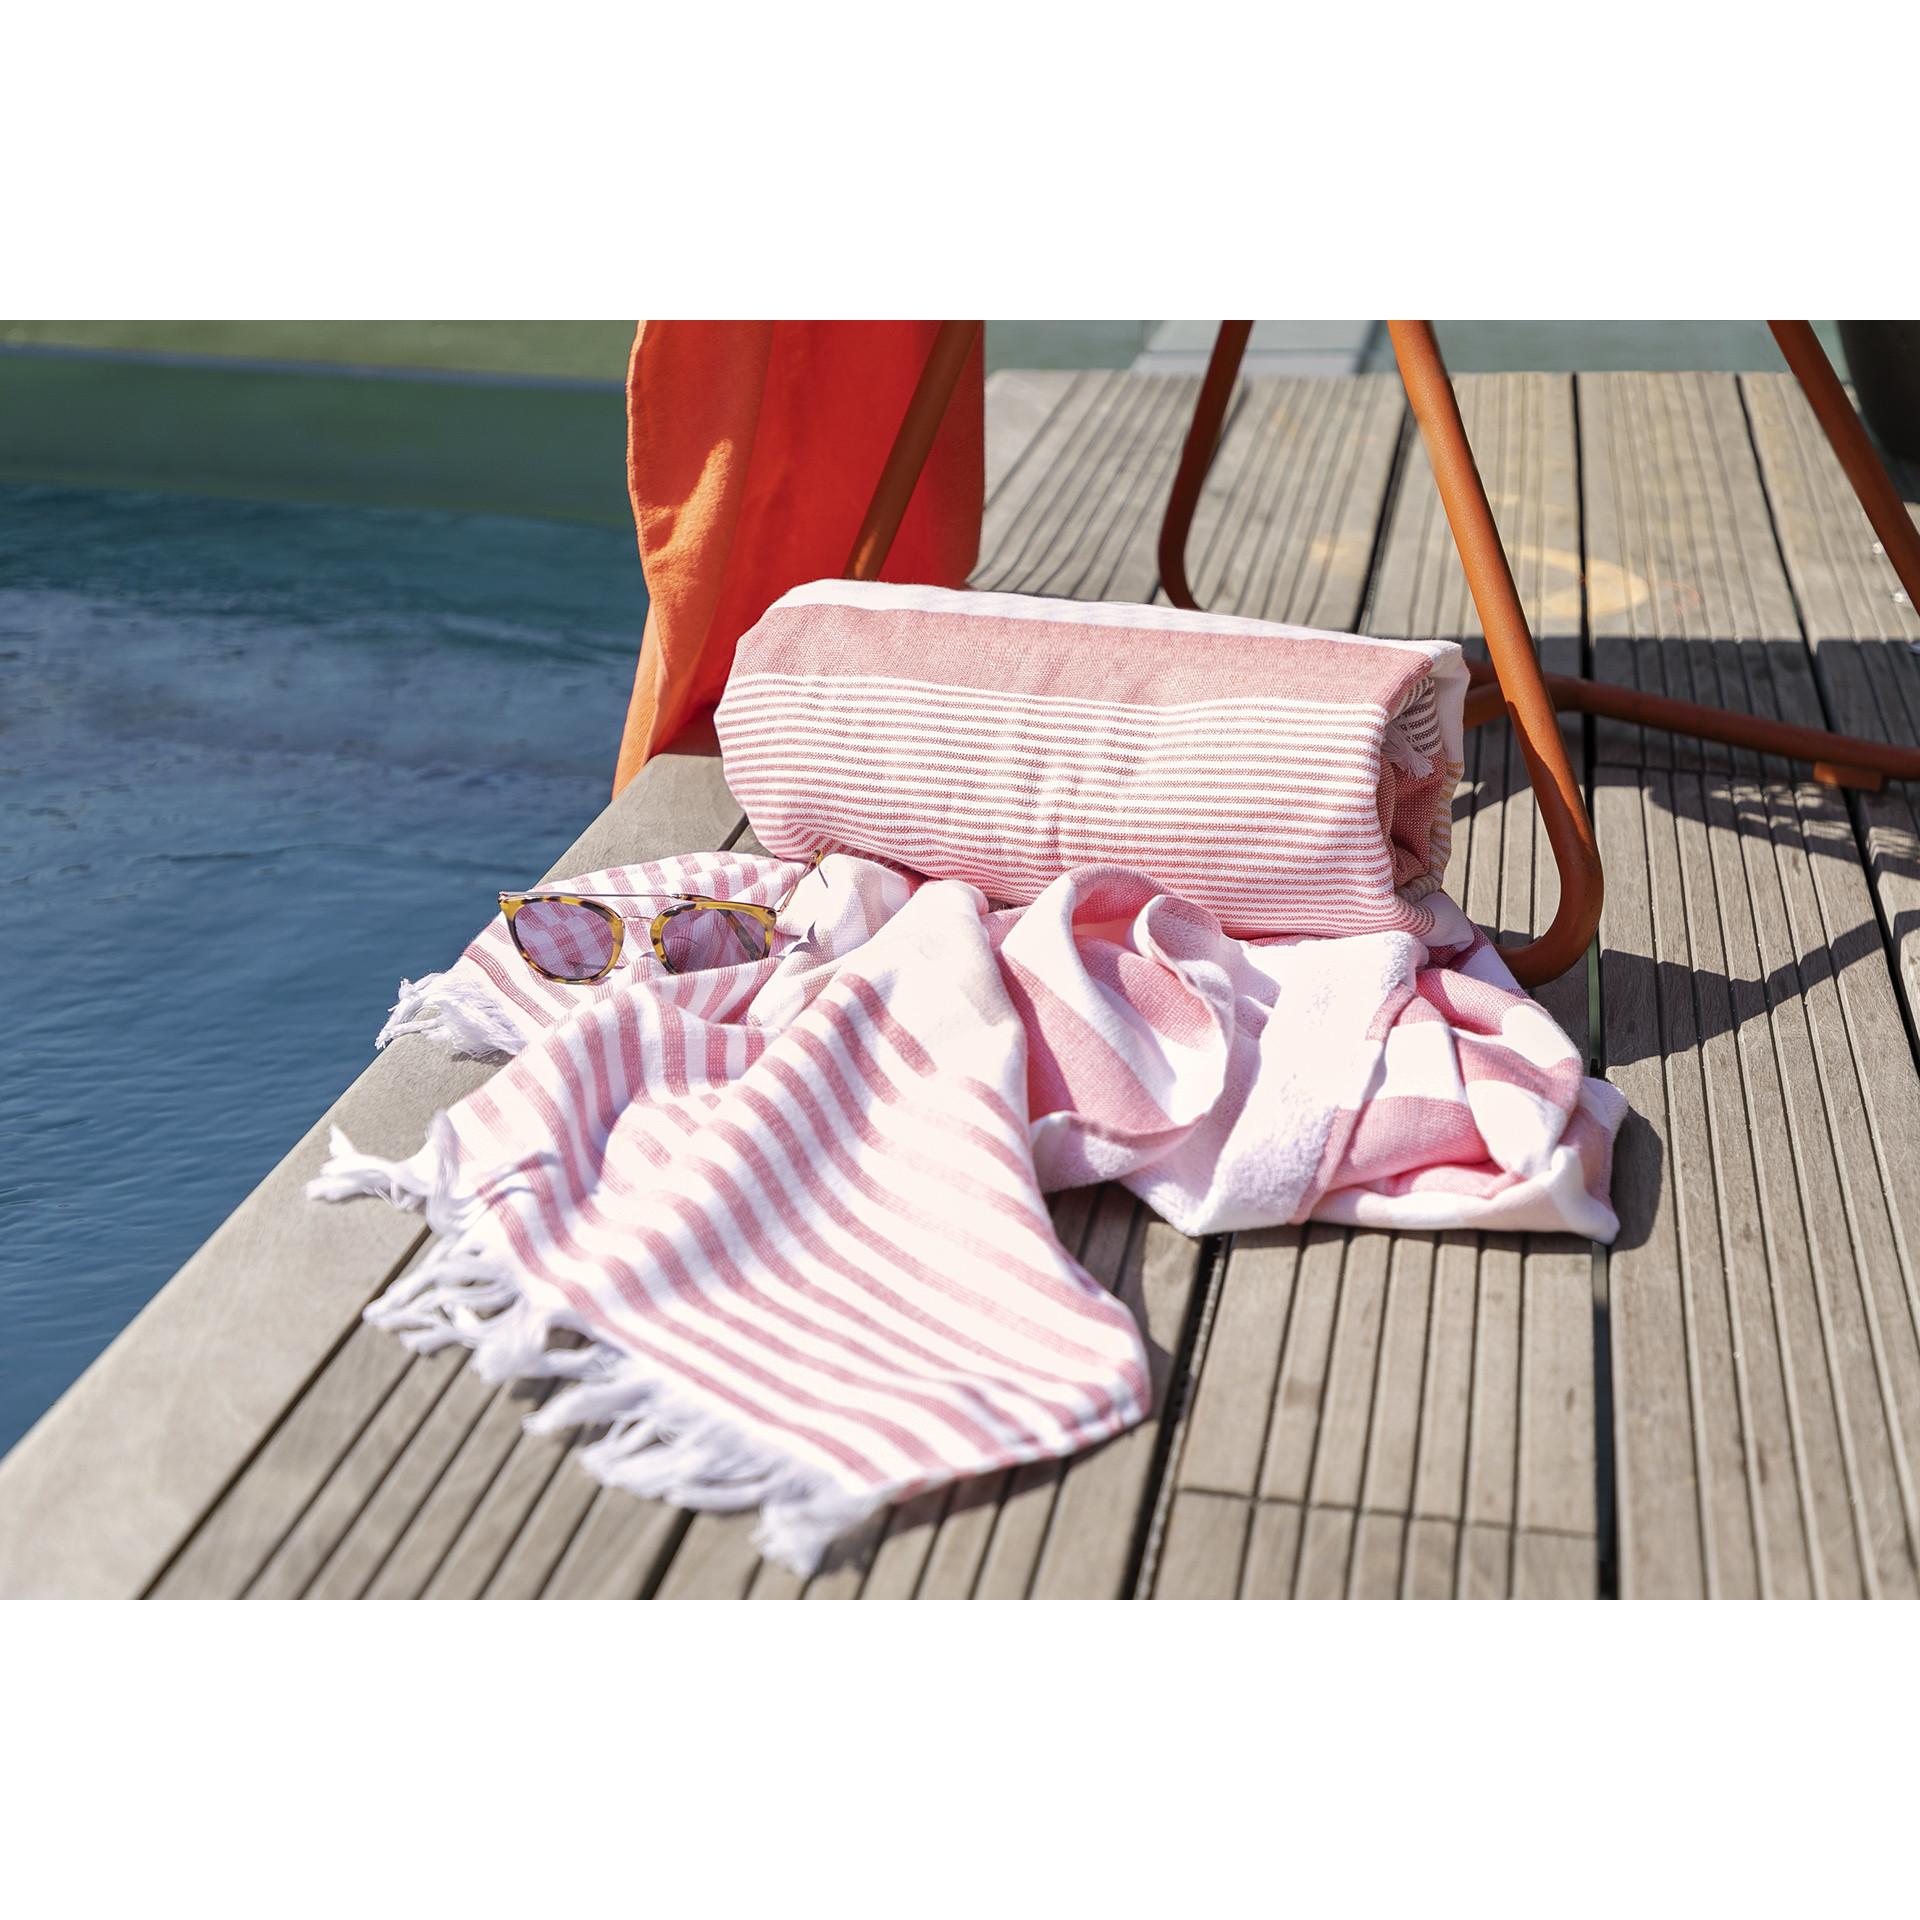 Handtuch Portofino 100 x 180 cm   Ziegelrot